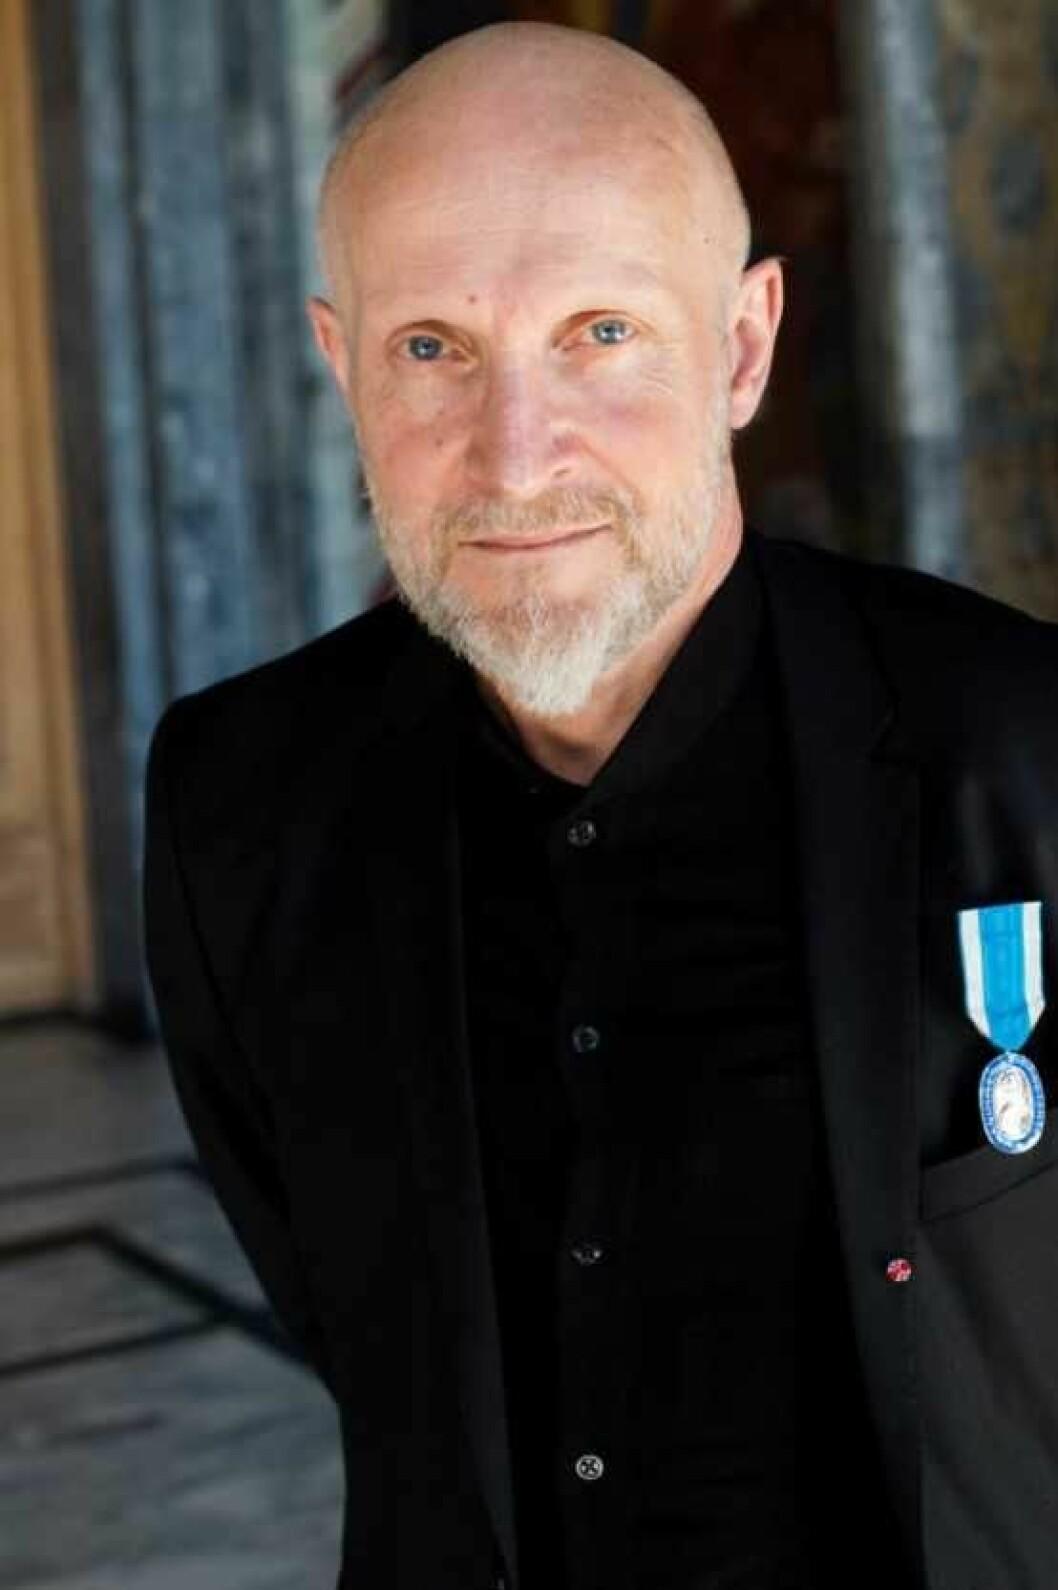 Lars Saabye Christensen med St. Halvard-medaljen på brystet. Foto Sturlason/Oslo kommune